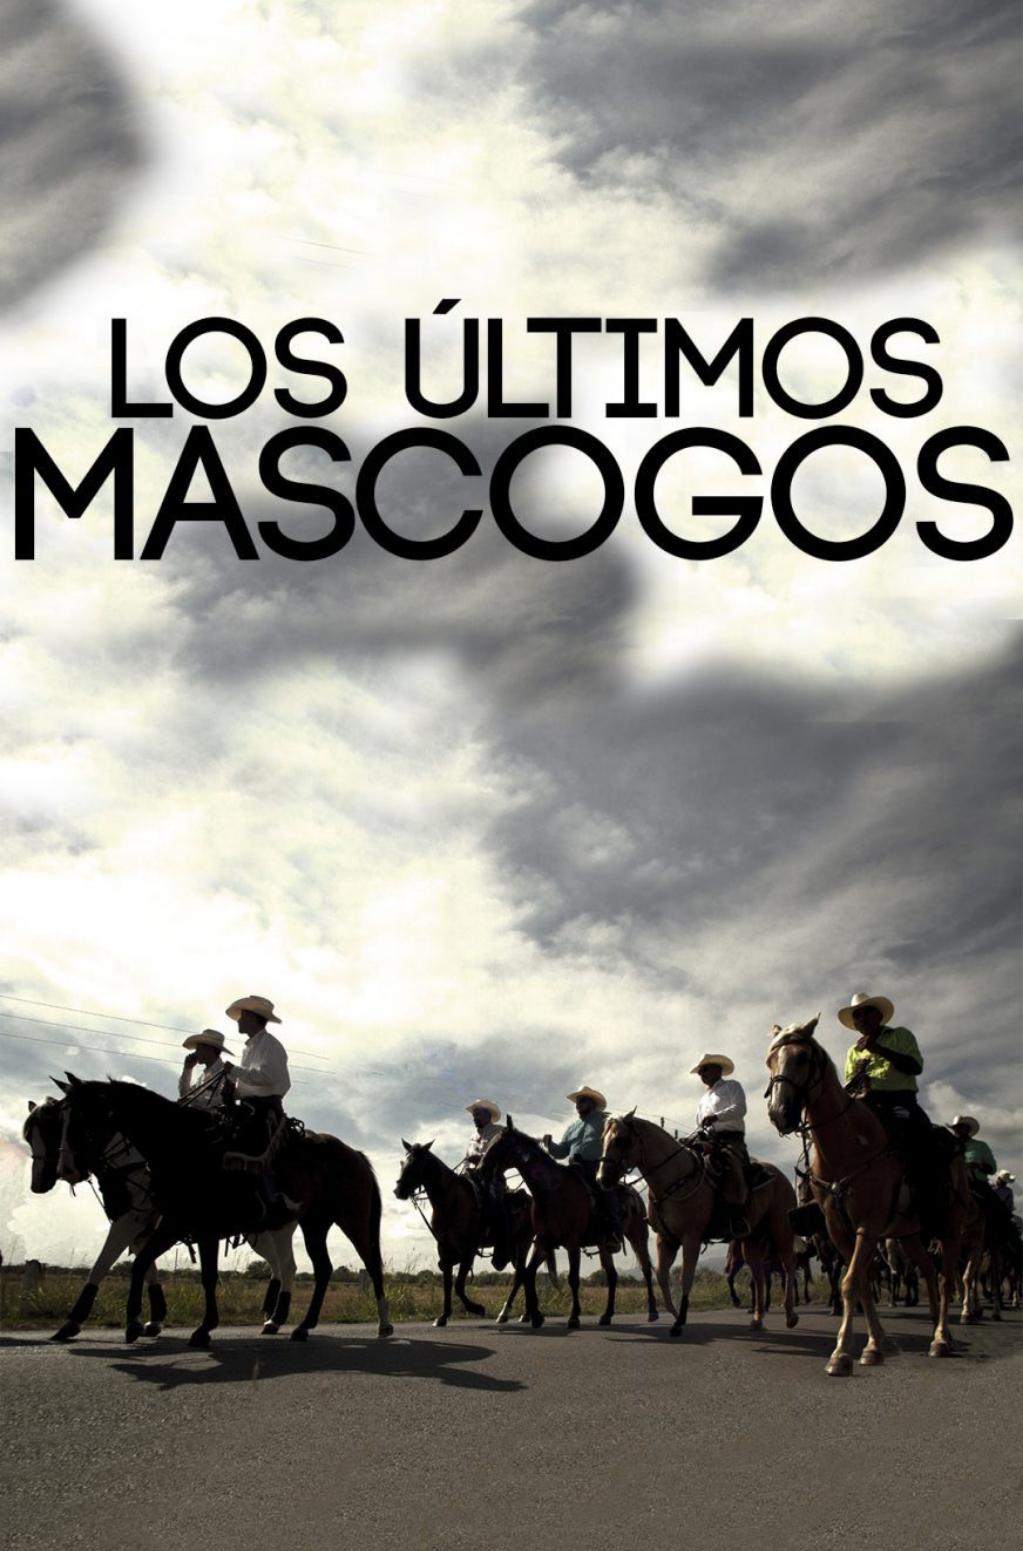 LOS ÚLTIMOS MASCOGOS